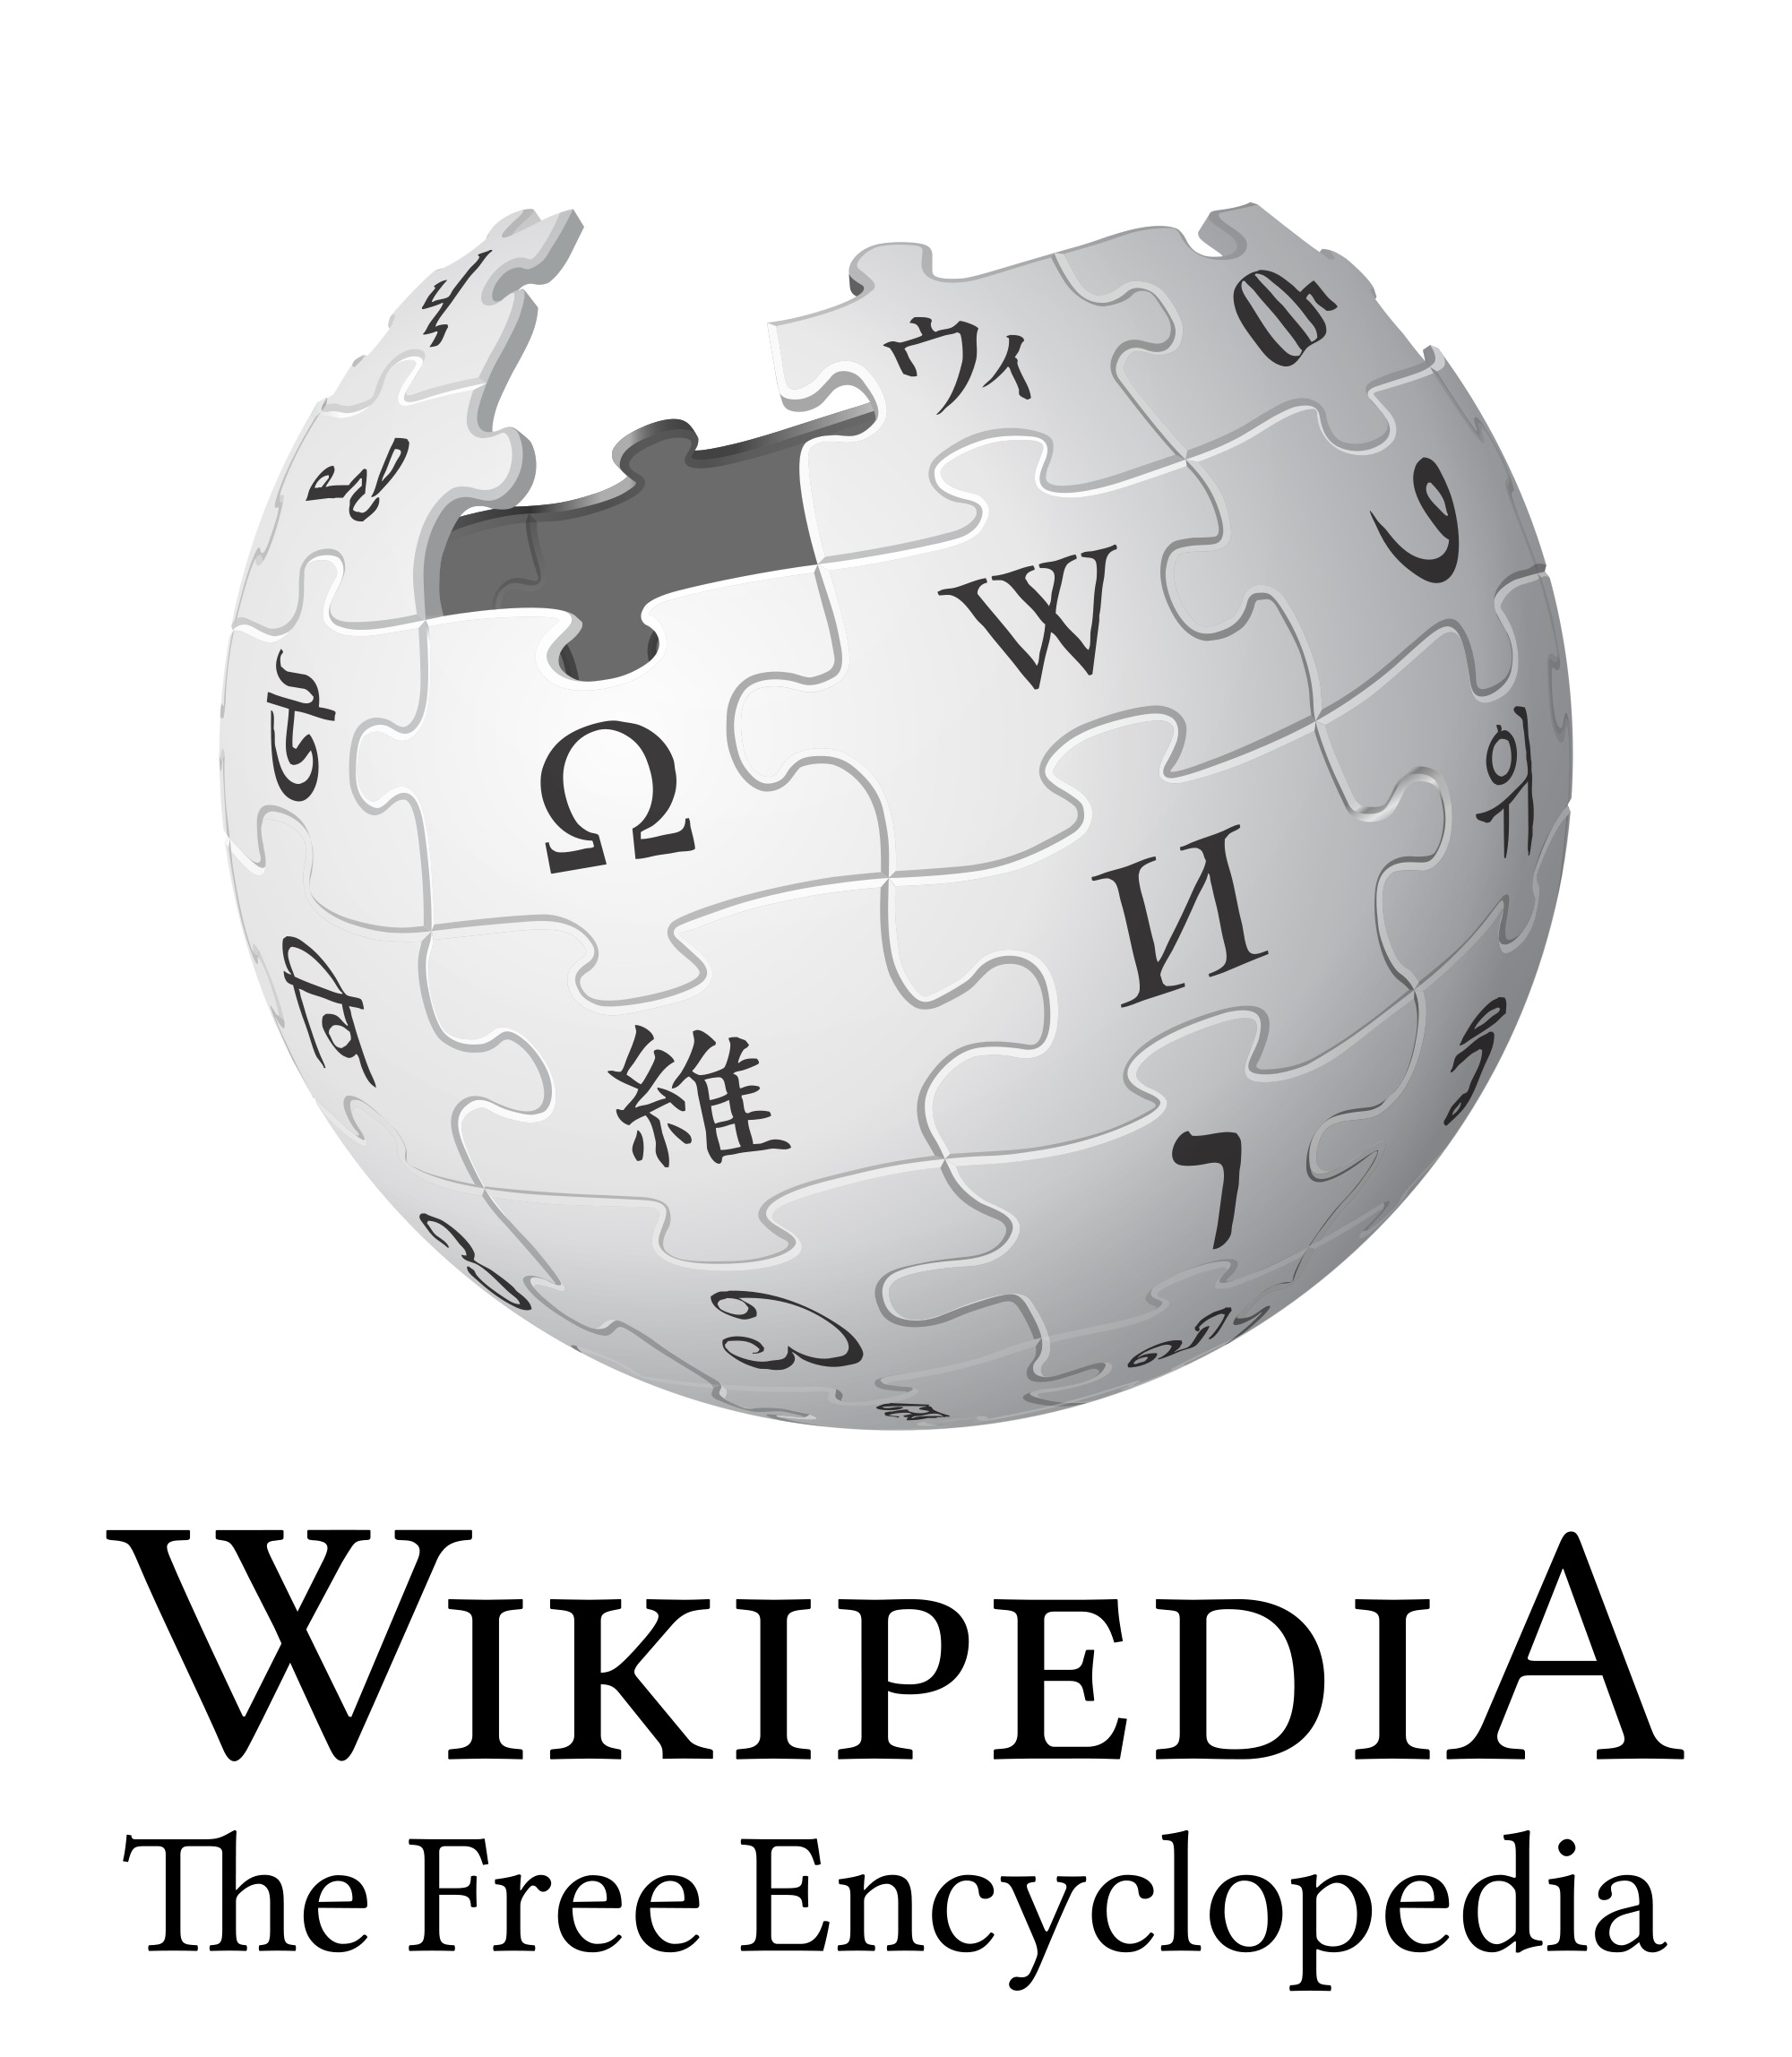 پانزده نکته جالب درباره ویکیپدیا